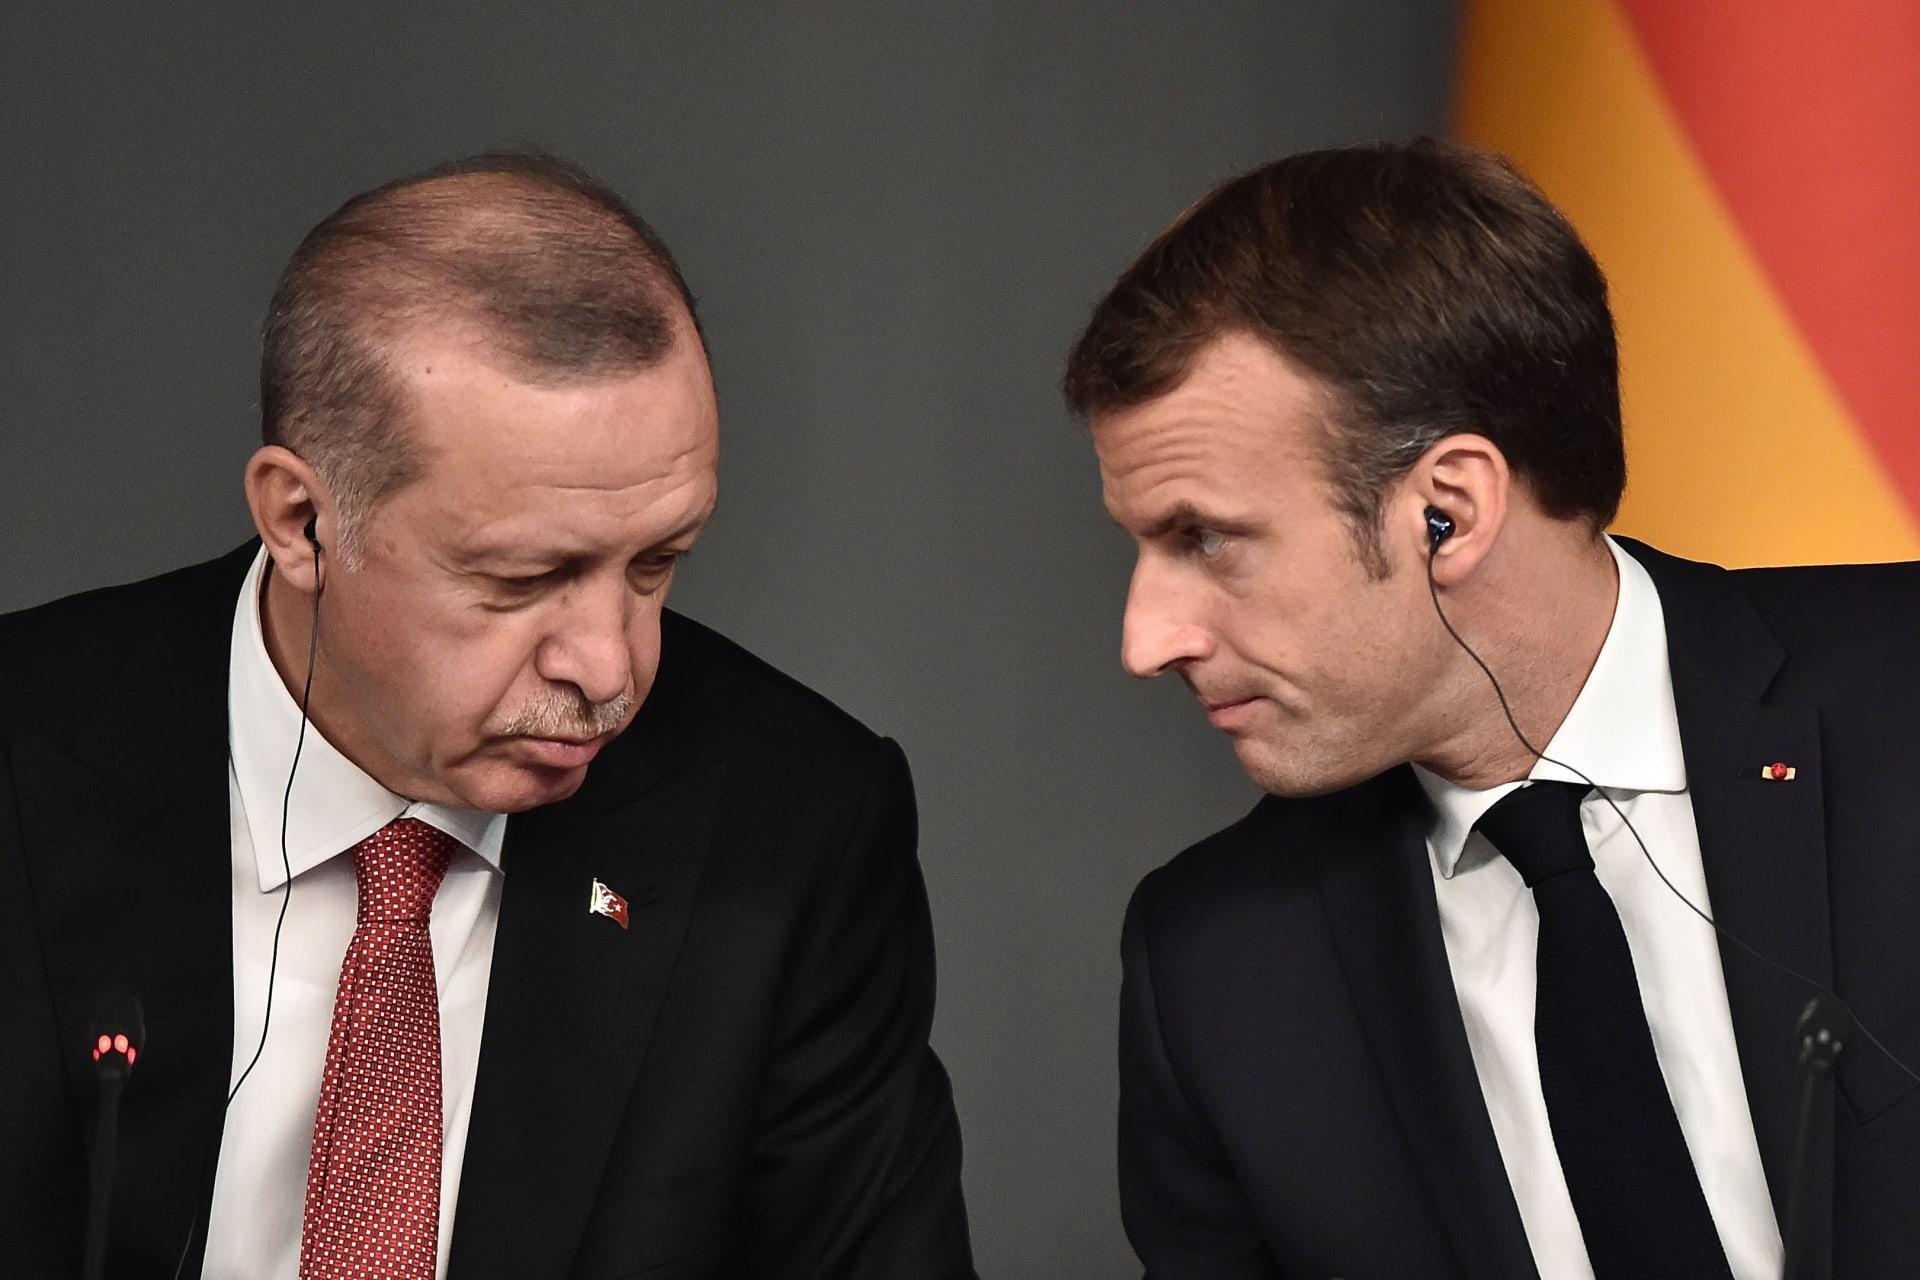 """أردوغان: زعيم دولة دافع عن تصرفات قبيحة بحق النبي..  وعداء فرنسا للإسلام """"انحراف"""""""